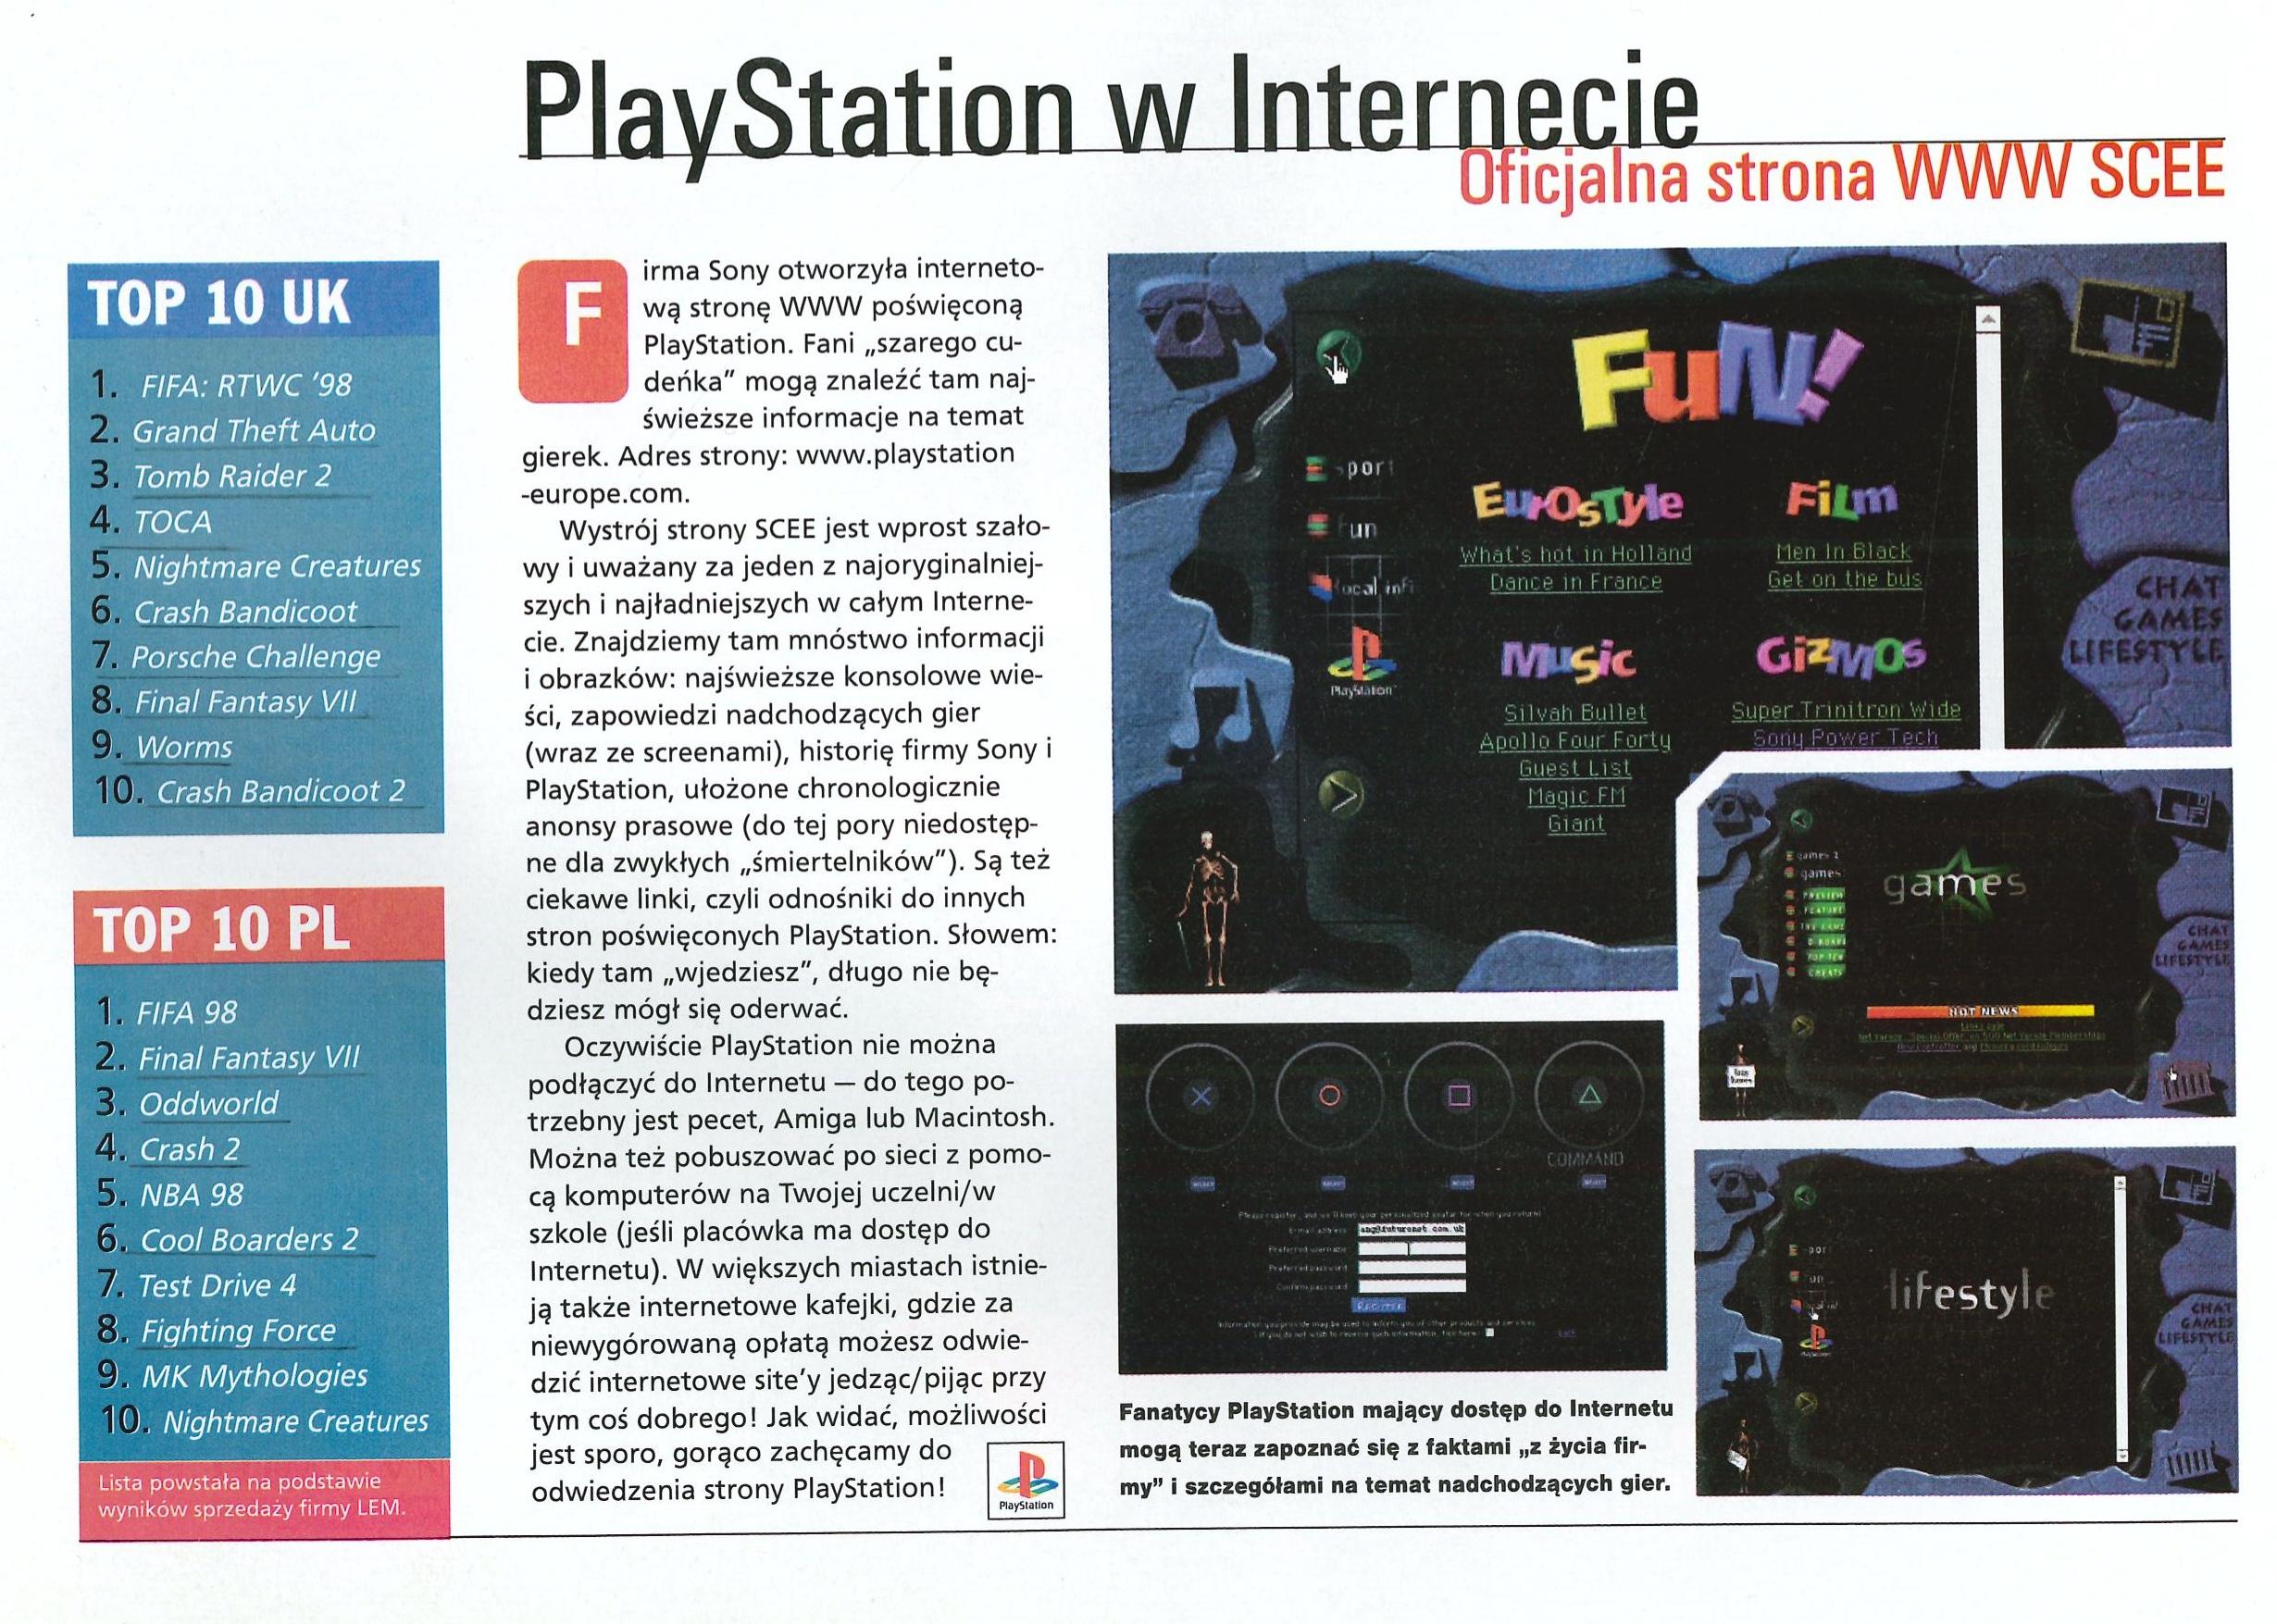 top 10 psx gier 2 - TOP 10 najlepiej sprzedających się gier na PSX w Polsce w latach 97-99